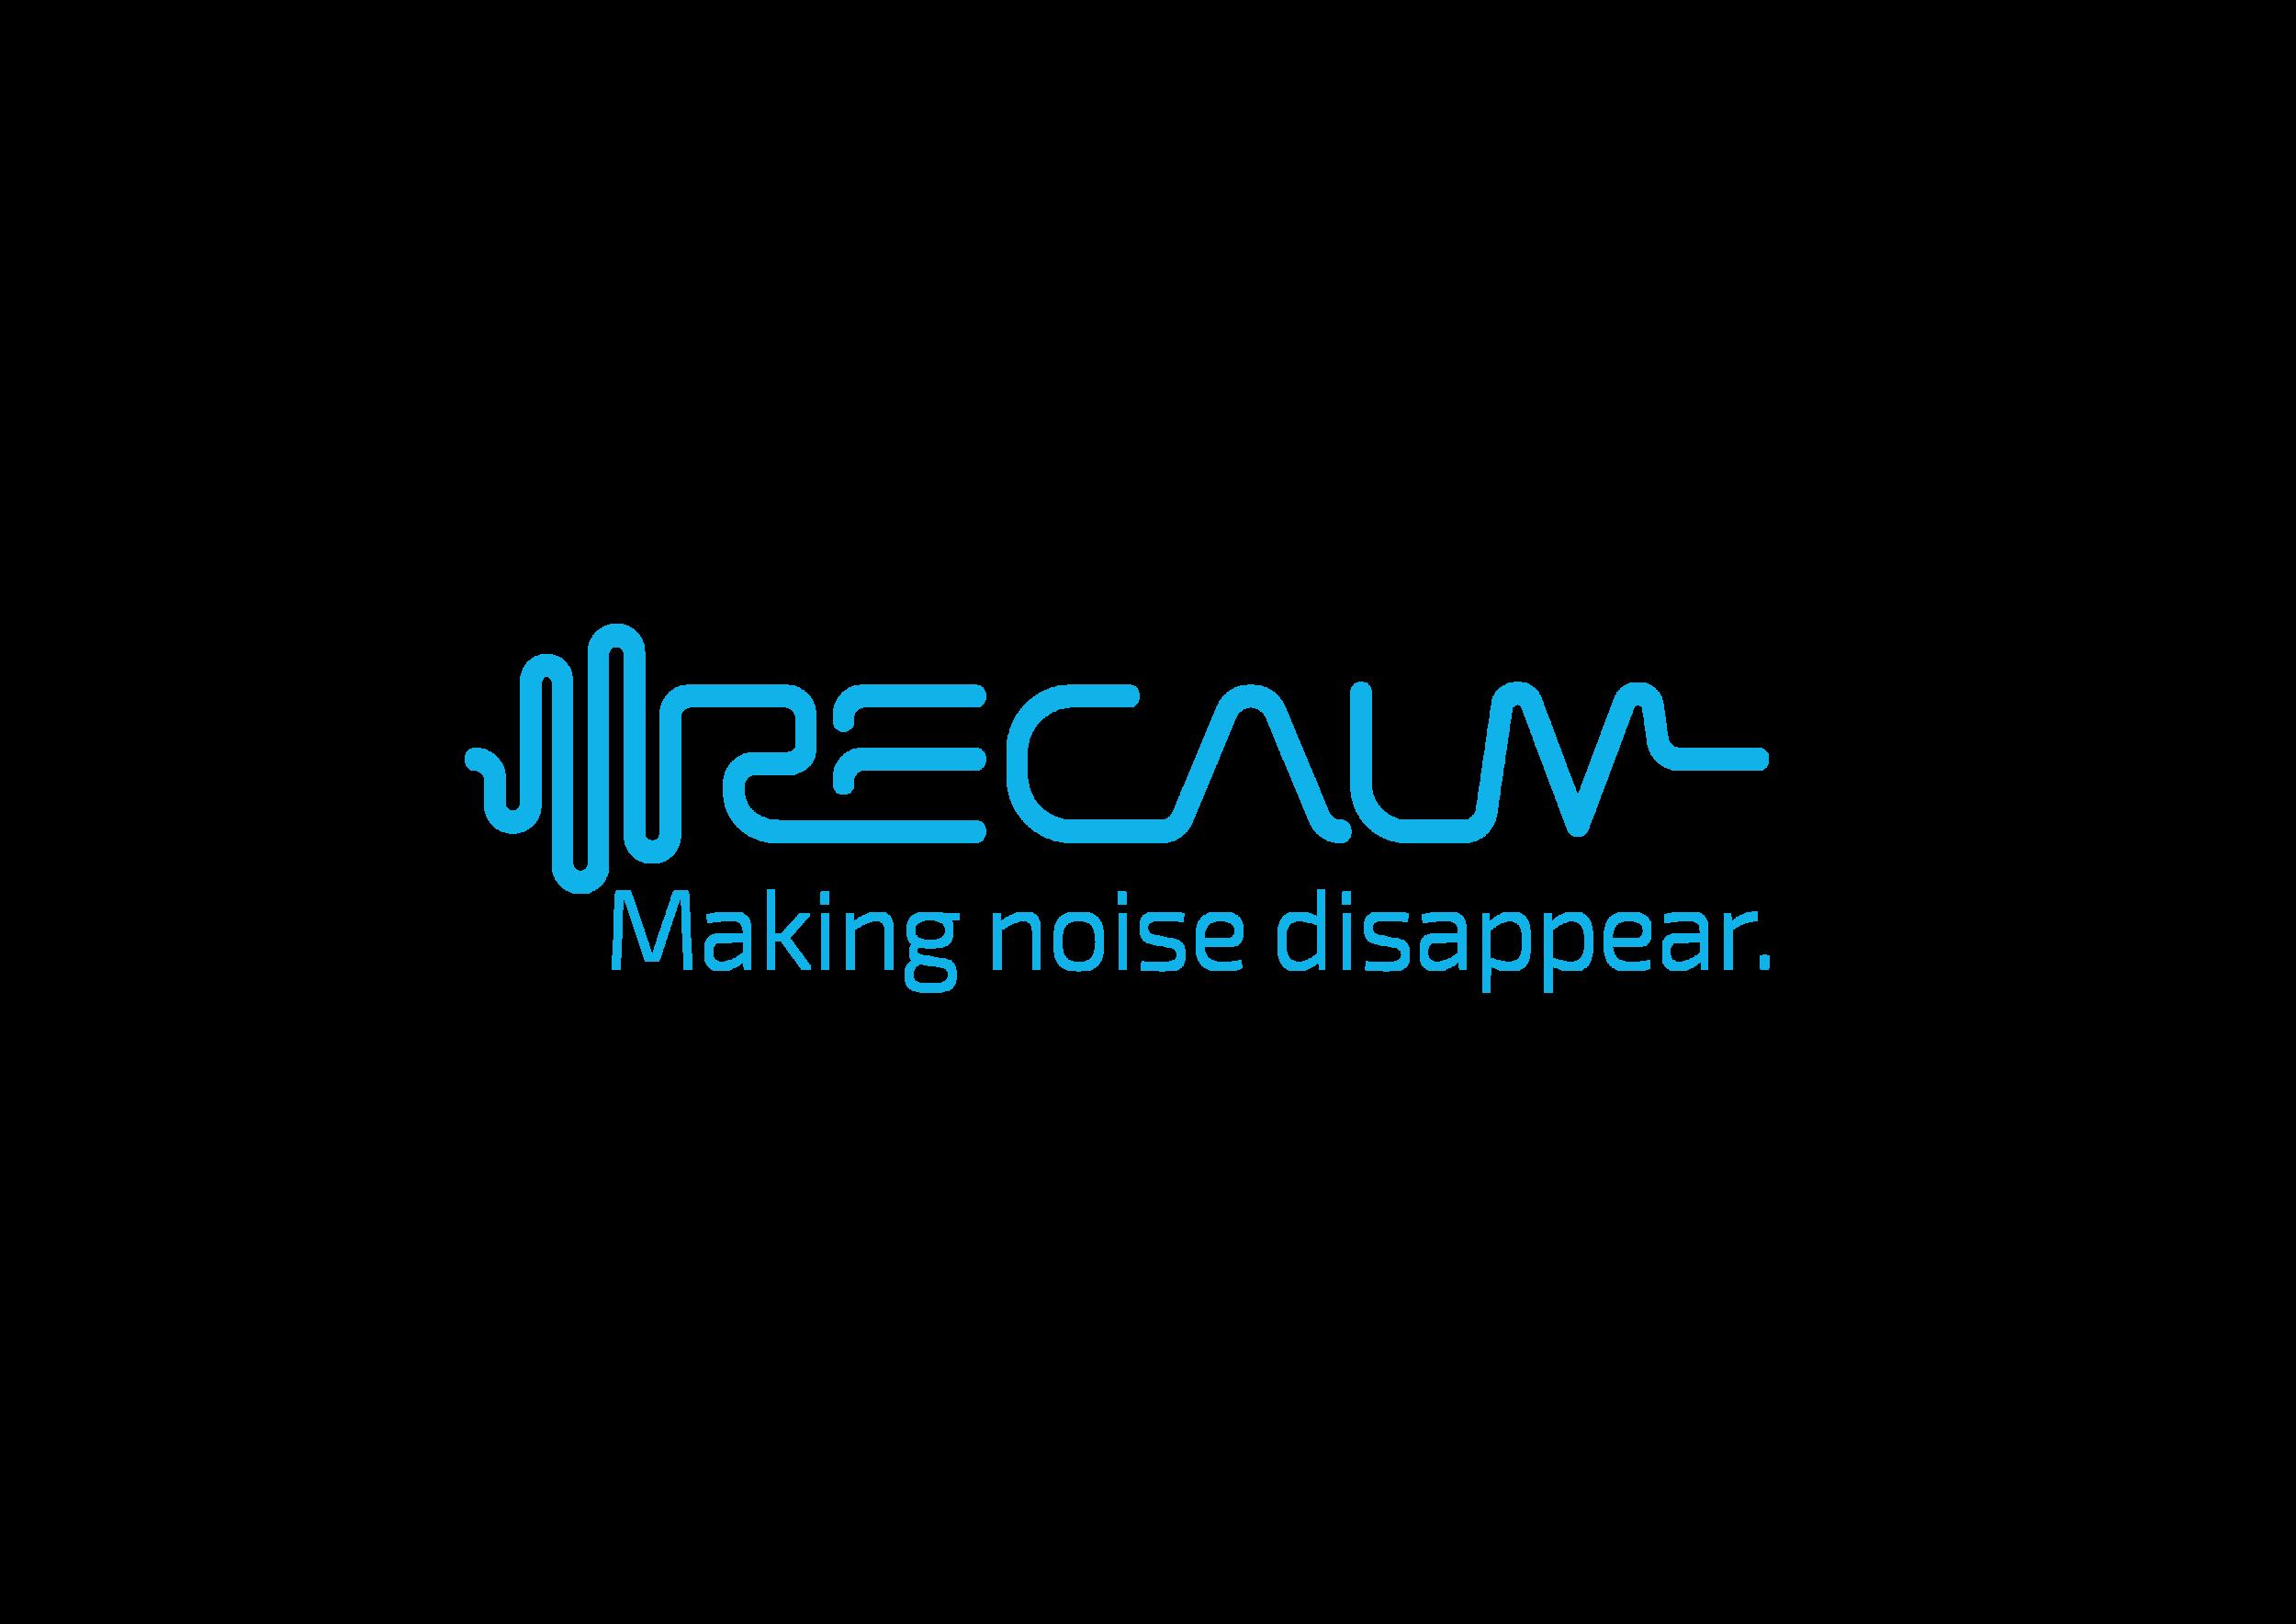 Recalm logo-01.png